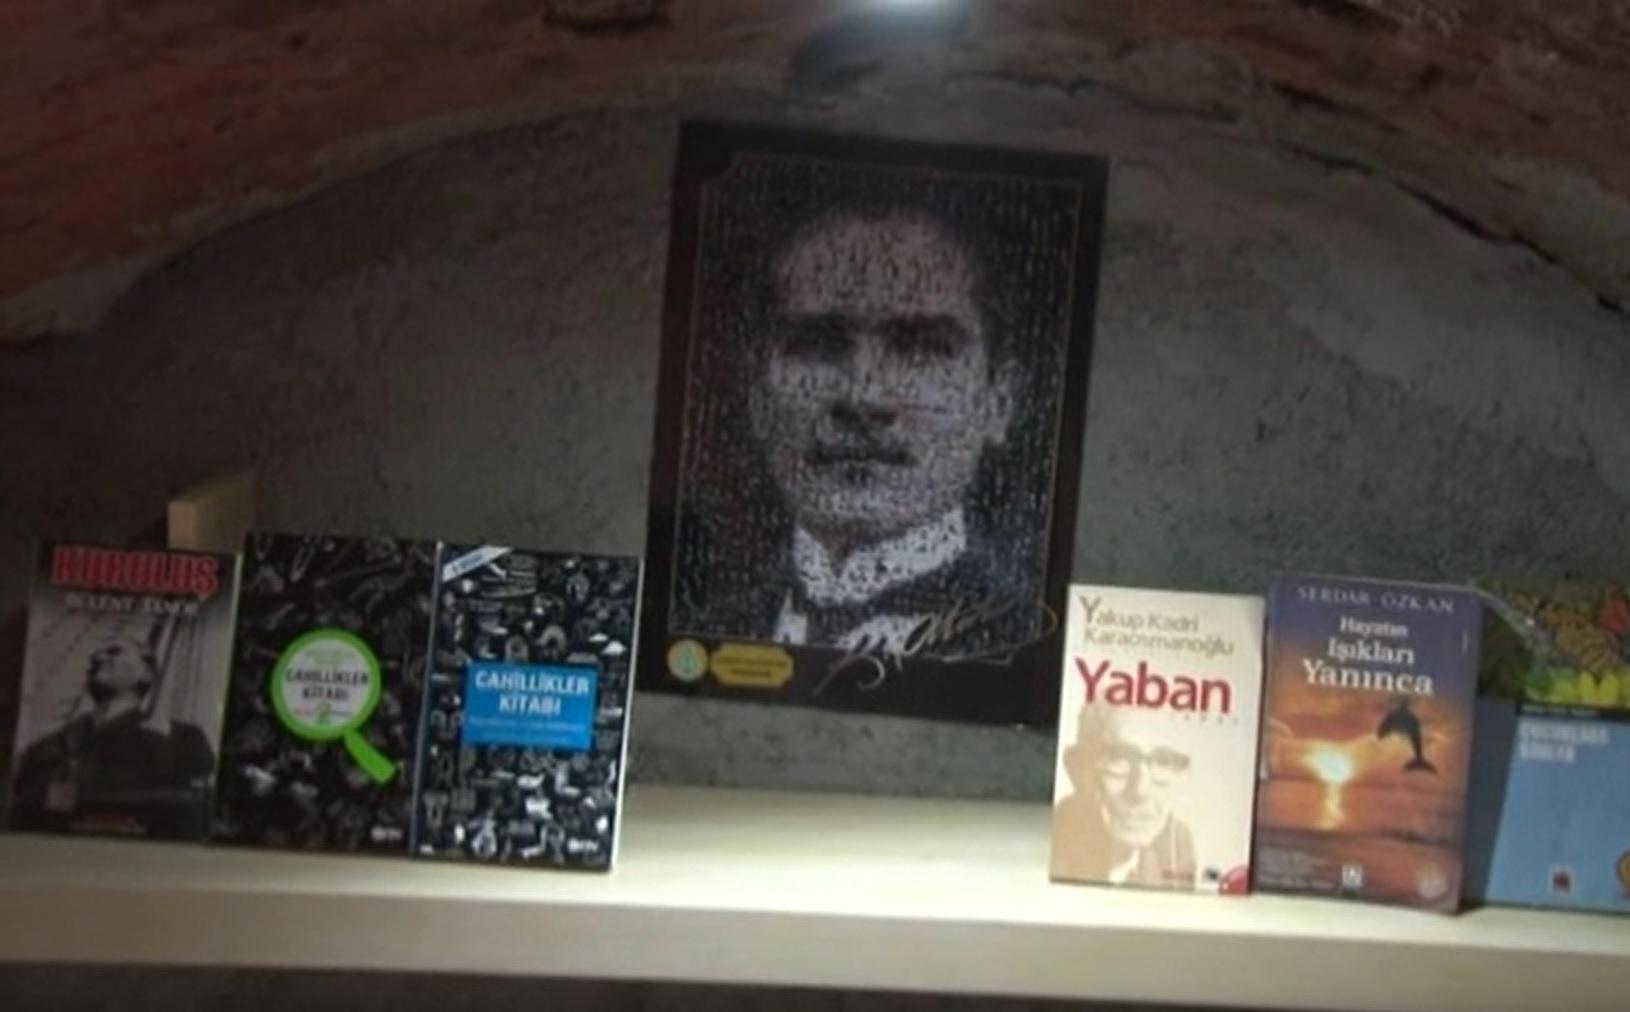 Çöpten Çıkan Kitaplar Kütüphane Kurdurdu | Kütüphanedeki Atatürk köşesi